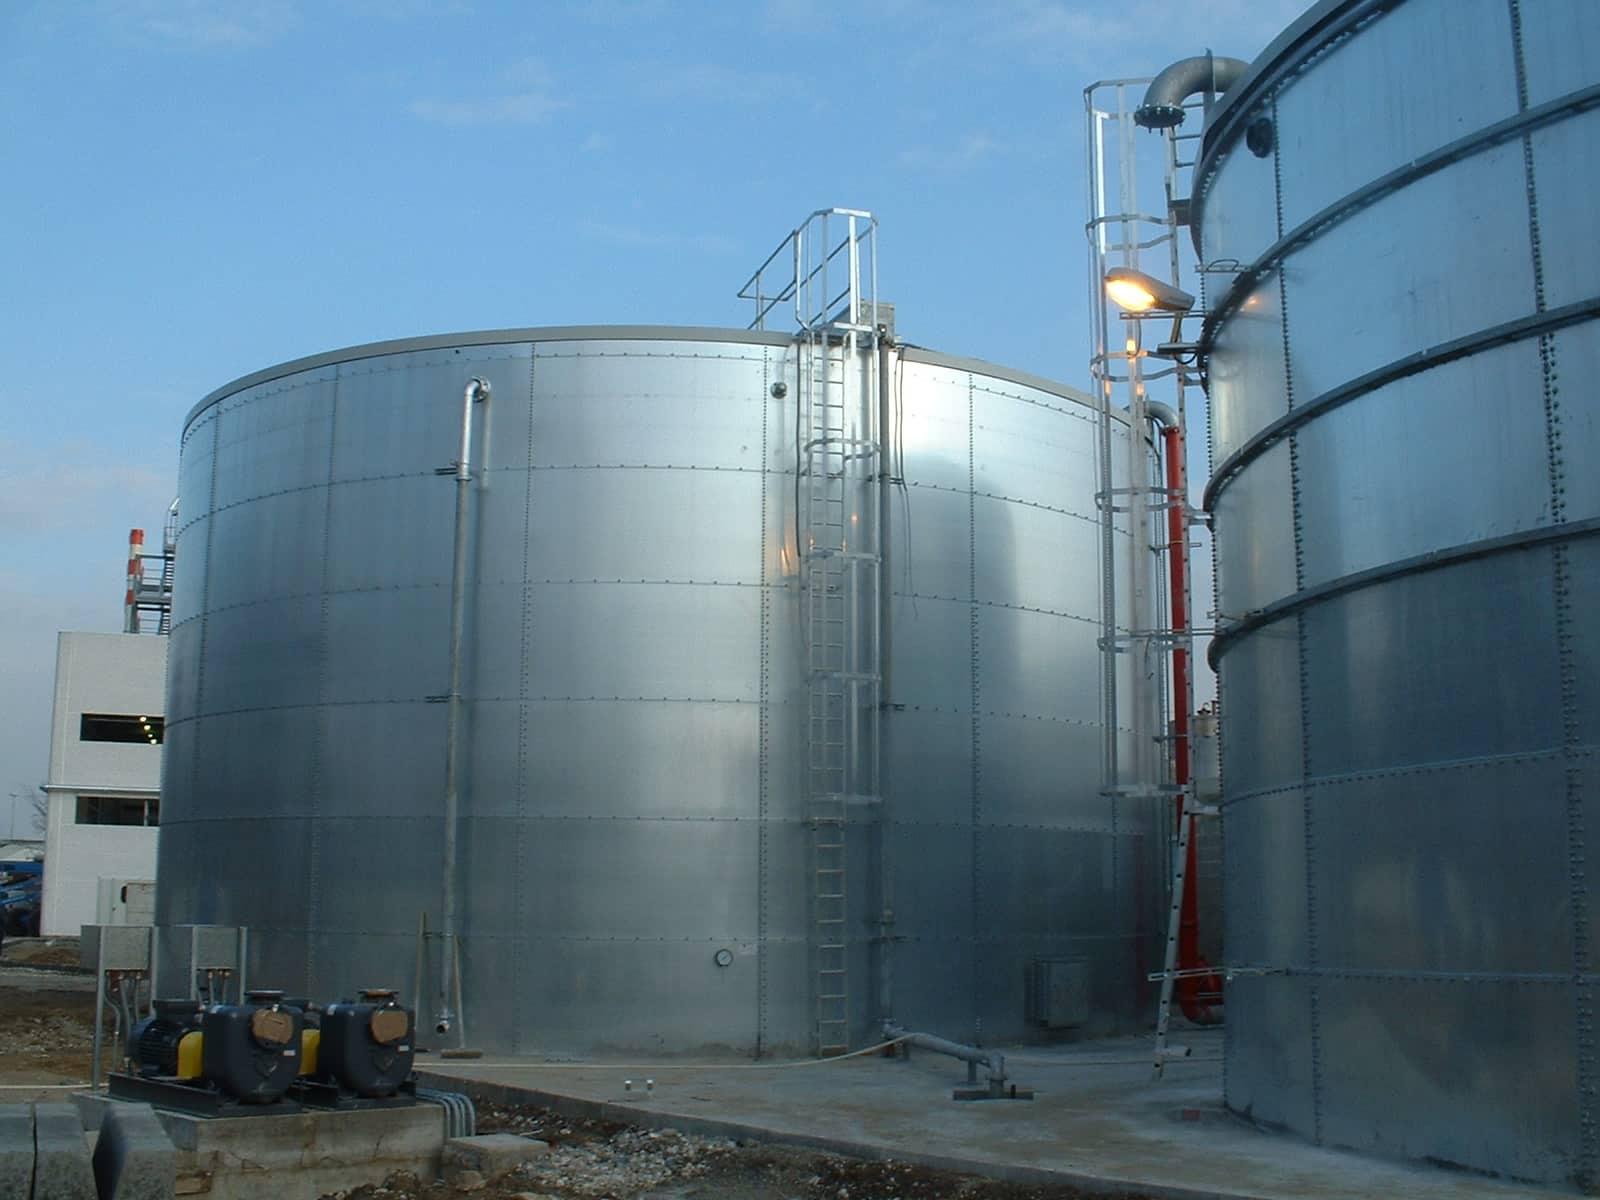 Монтаж стальных вертикальных резервуаров V=500м3 в колличестве 2 шт